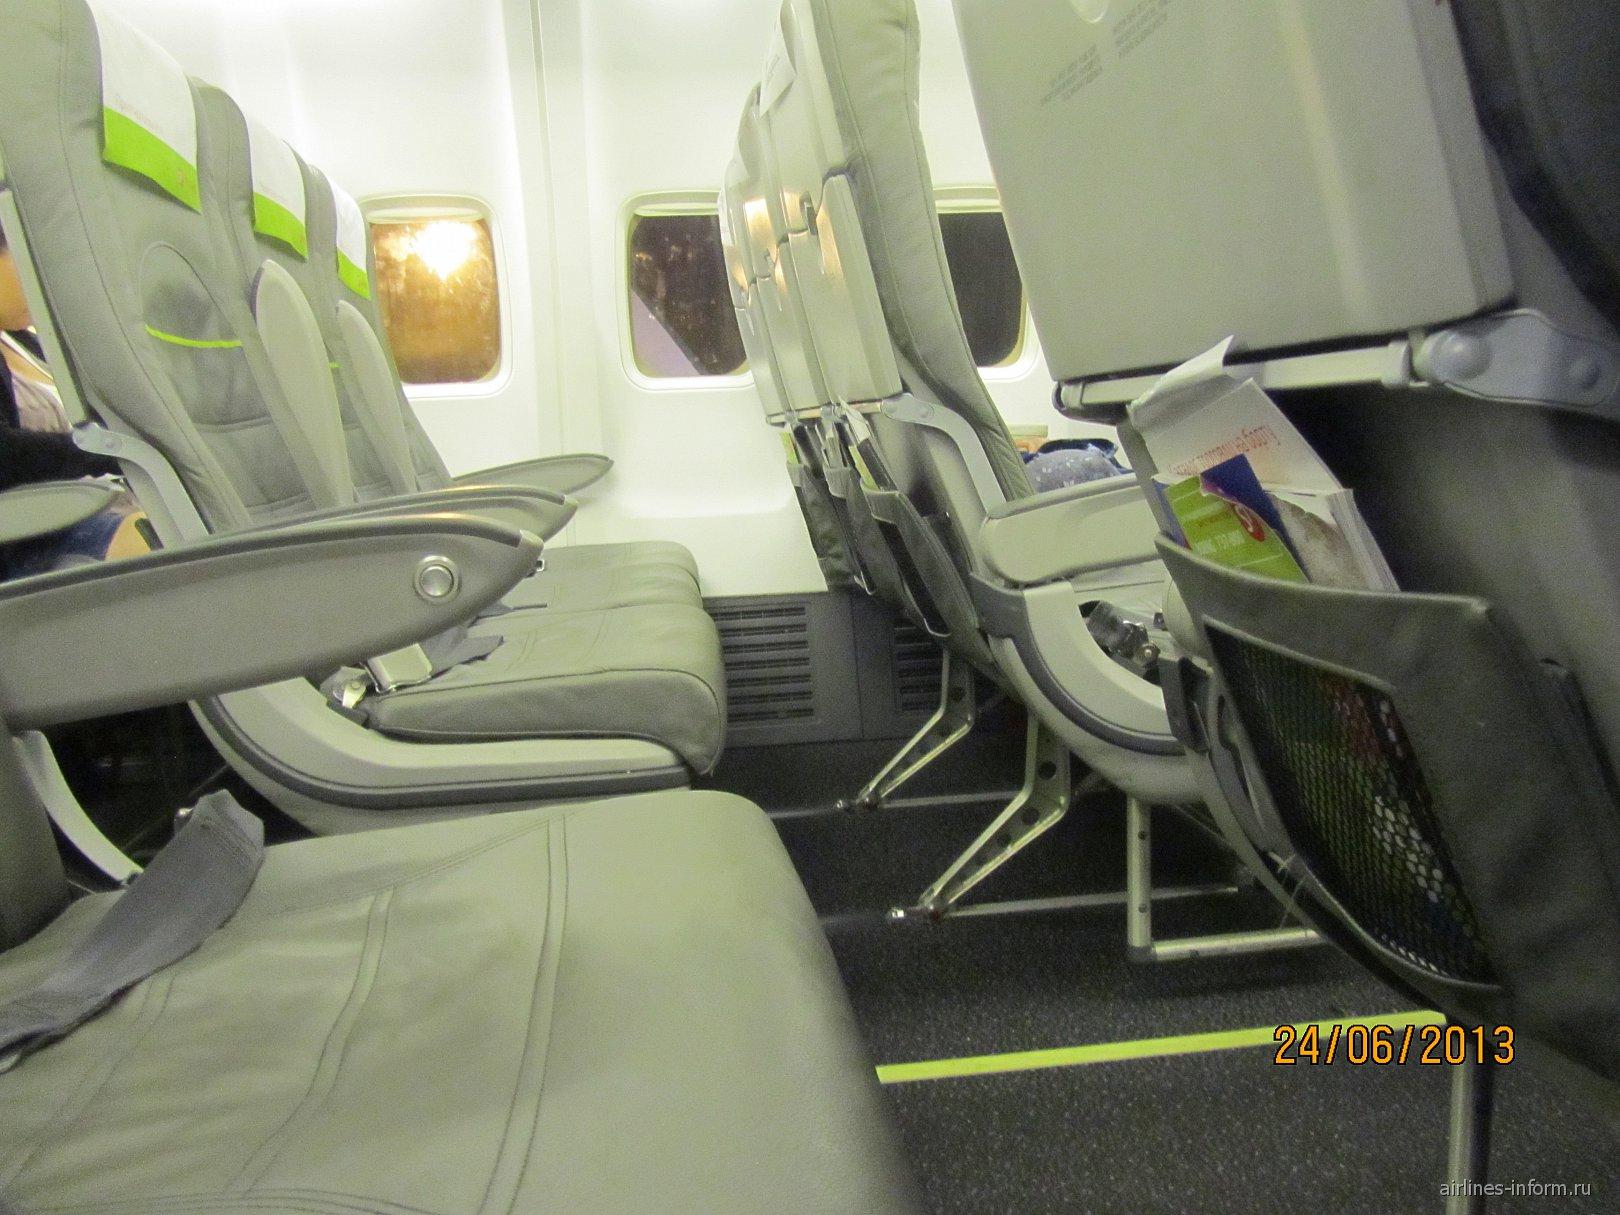 Салон самолета Боинг-737-800 S7 Airlines